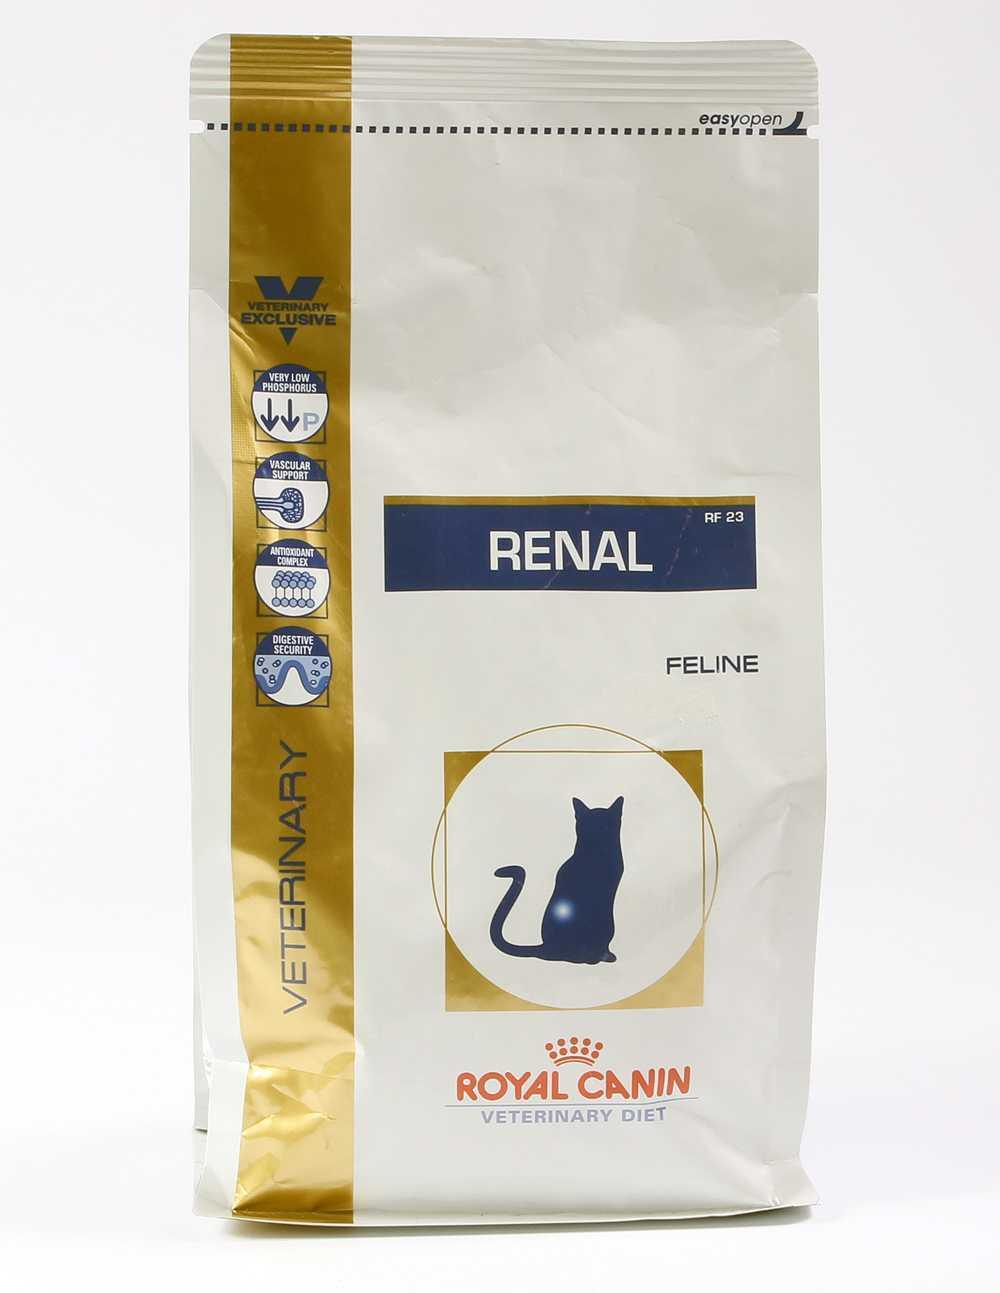 Royal canin urinary s/o для лечения и профилактики мочекаменной болезни у кошек